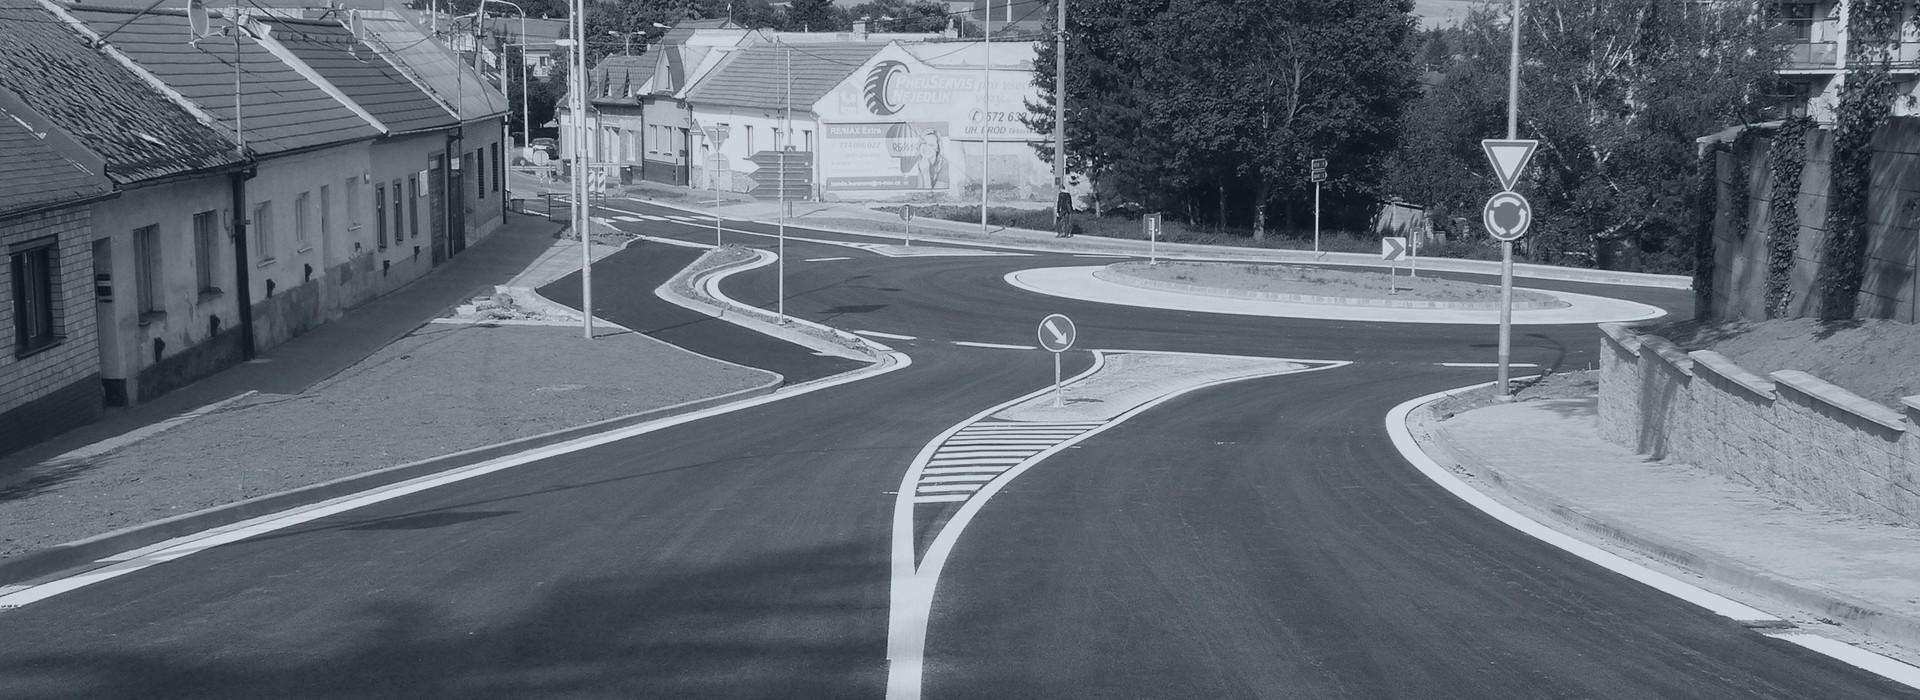 Dopravní značení, opravy a údržba komunikací